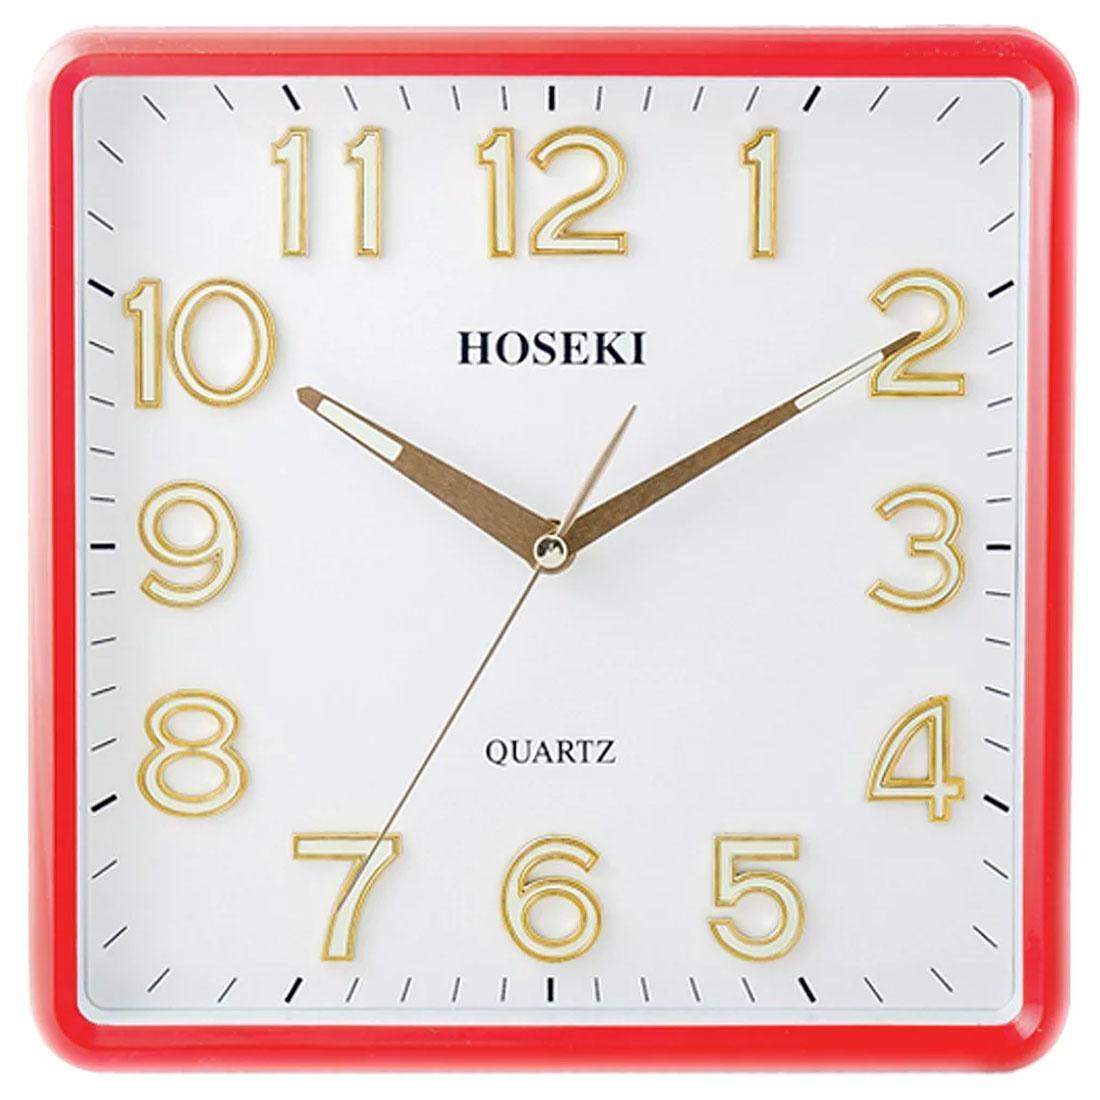 Hoseki Quartz H-9210R H-9210 Red Square Analog Wall Clock